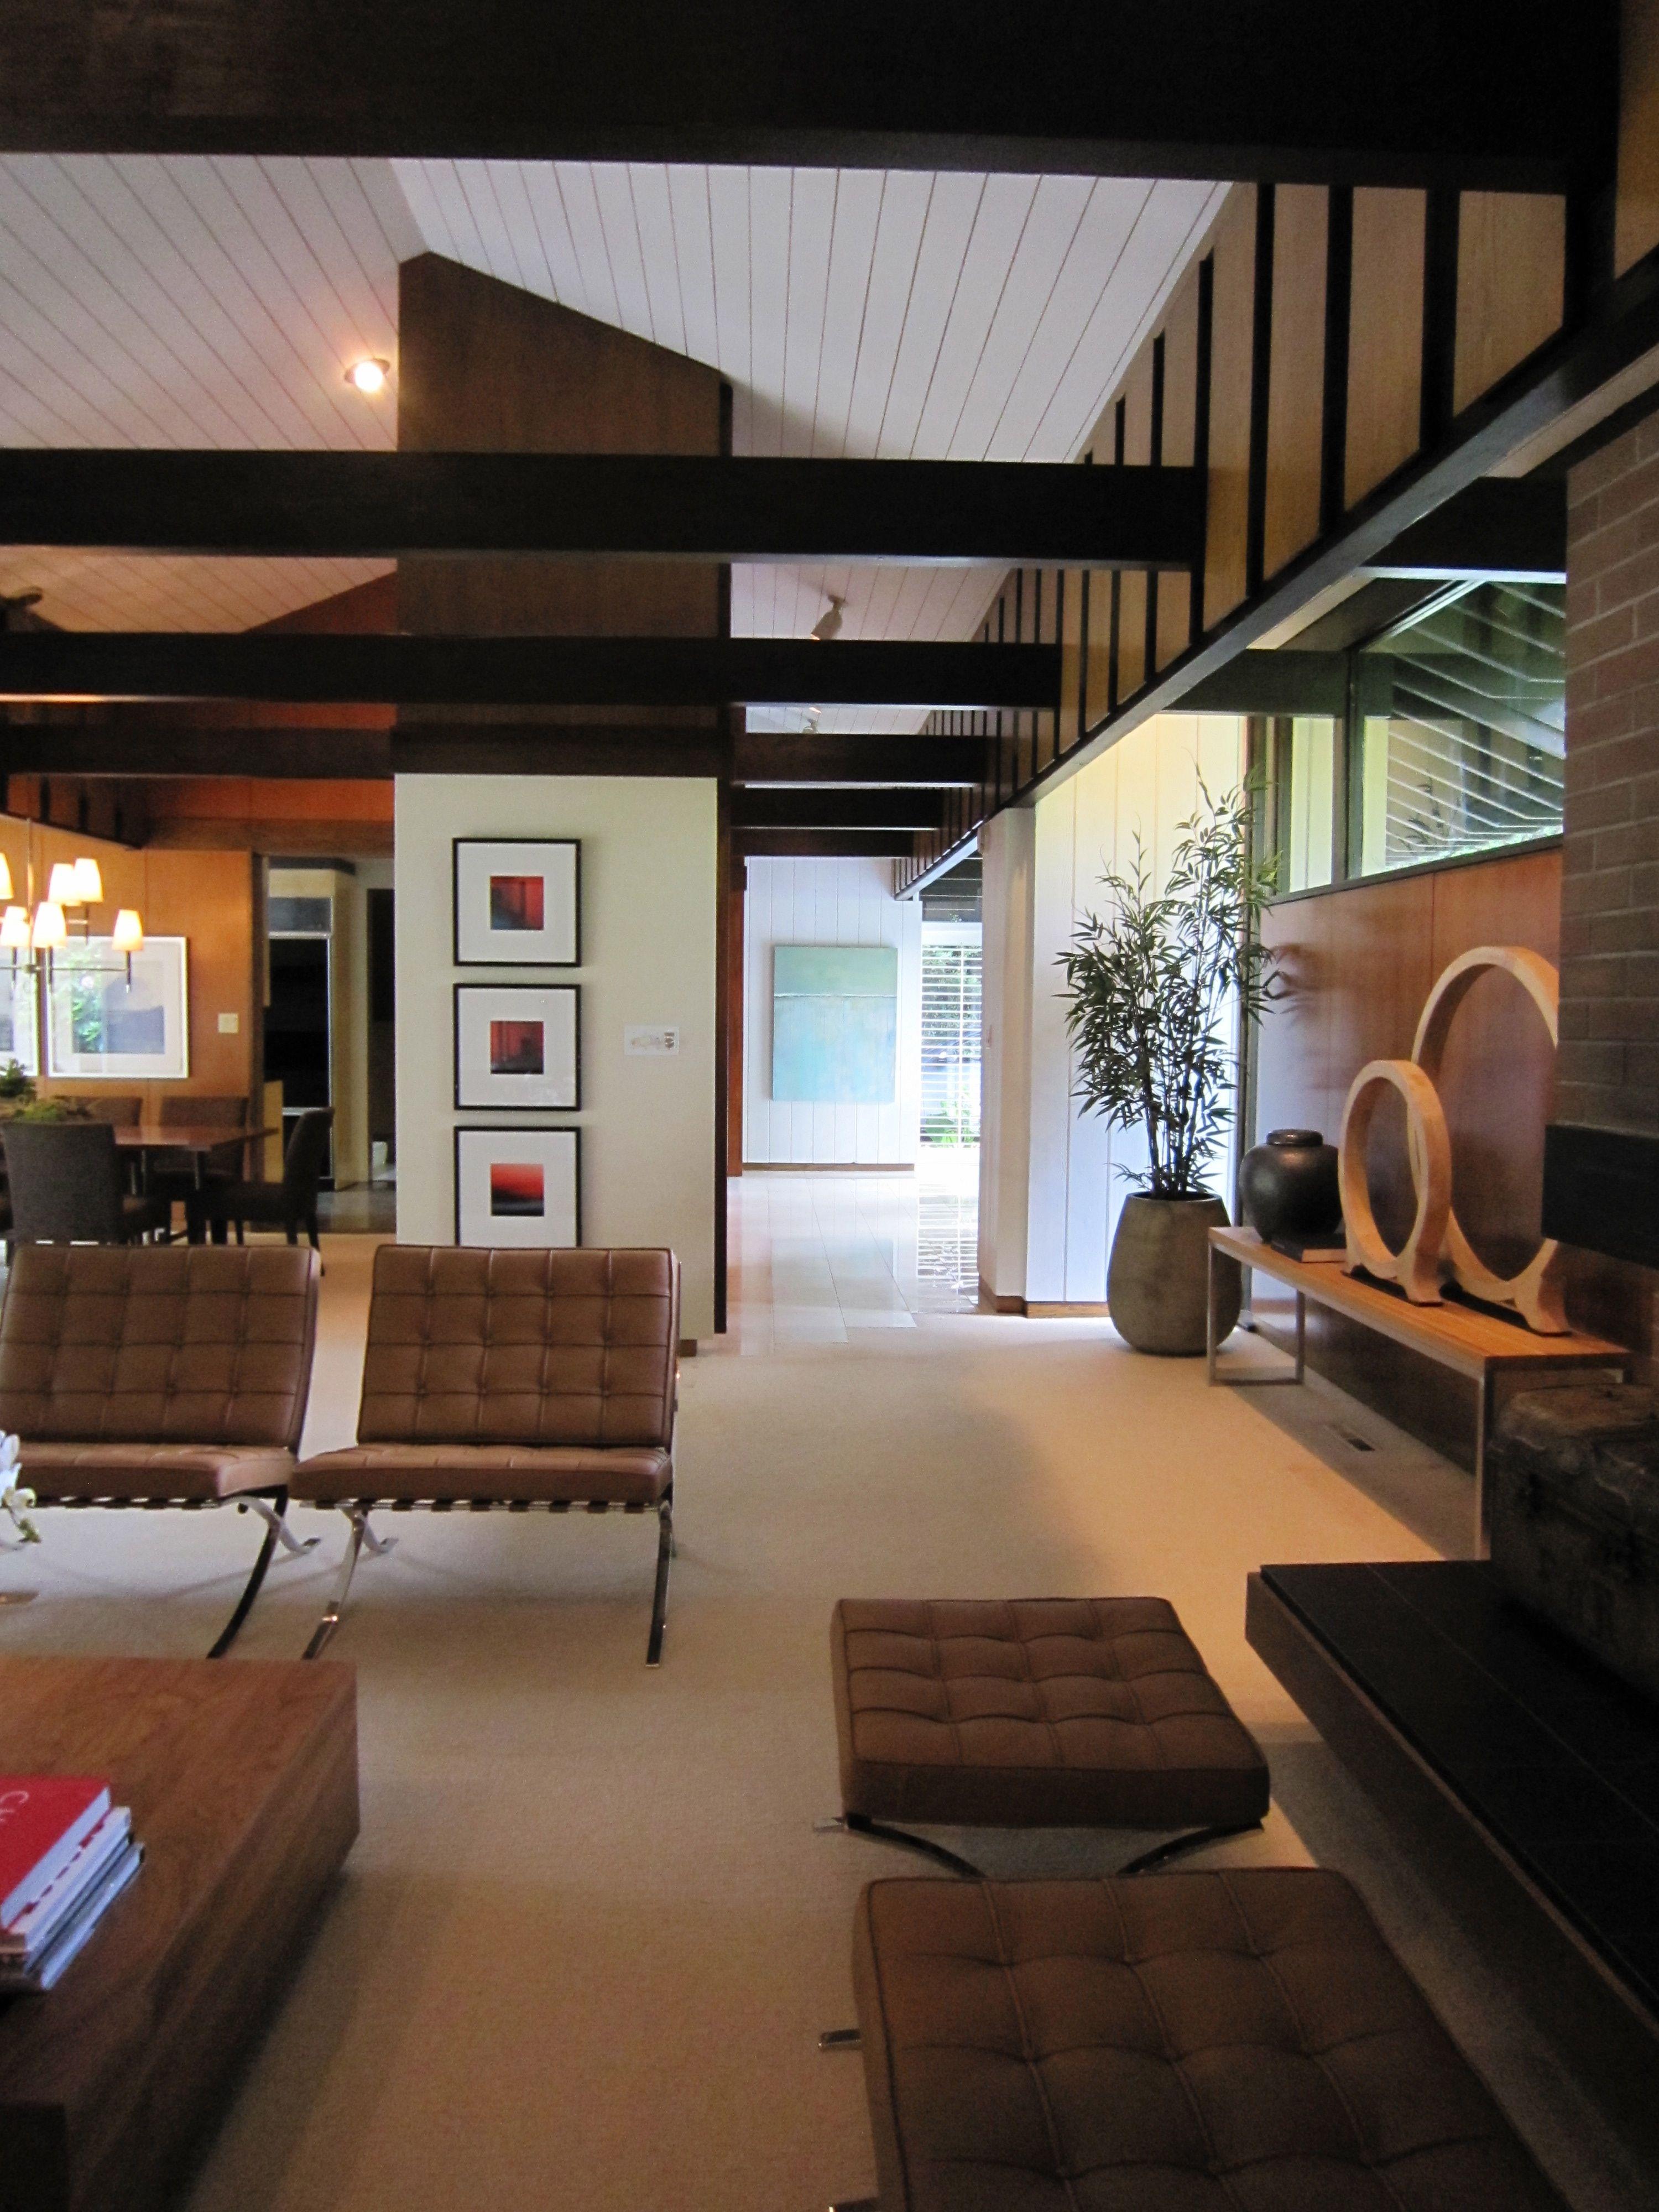 Luxury Furniture Living Room Ideas Home Furniture Contemporary Furniture Contemporary Living Room High End Arquitetura E Decoracao Design De Casa Interiores